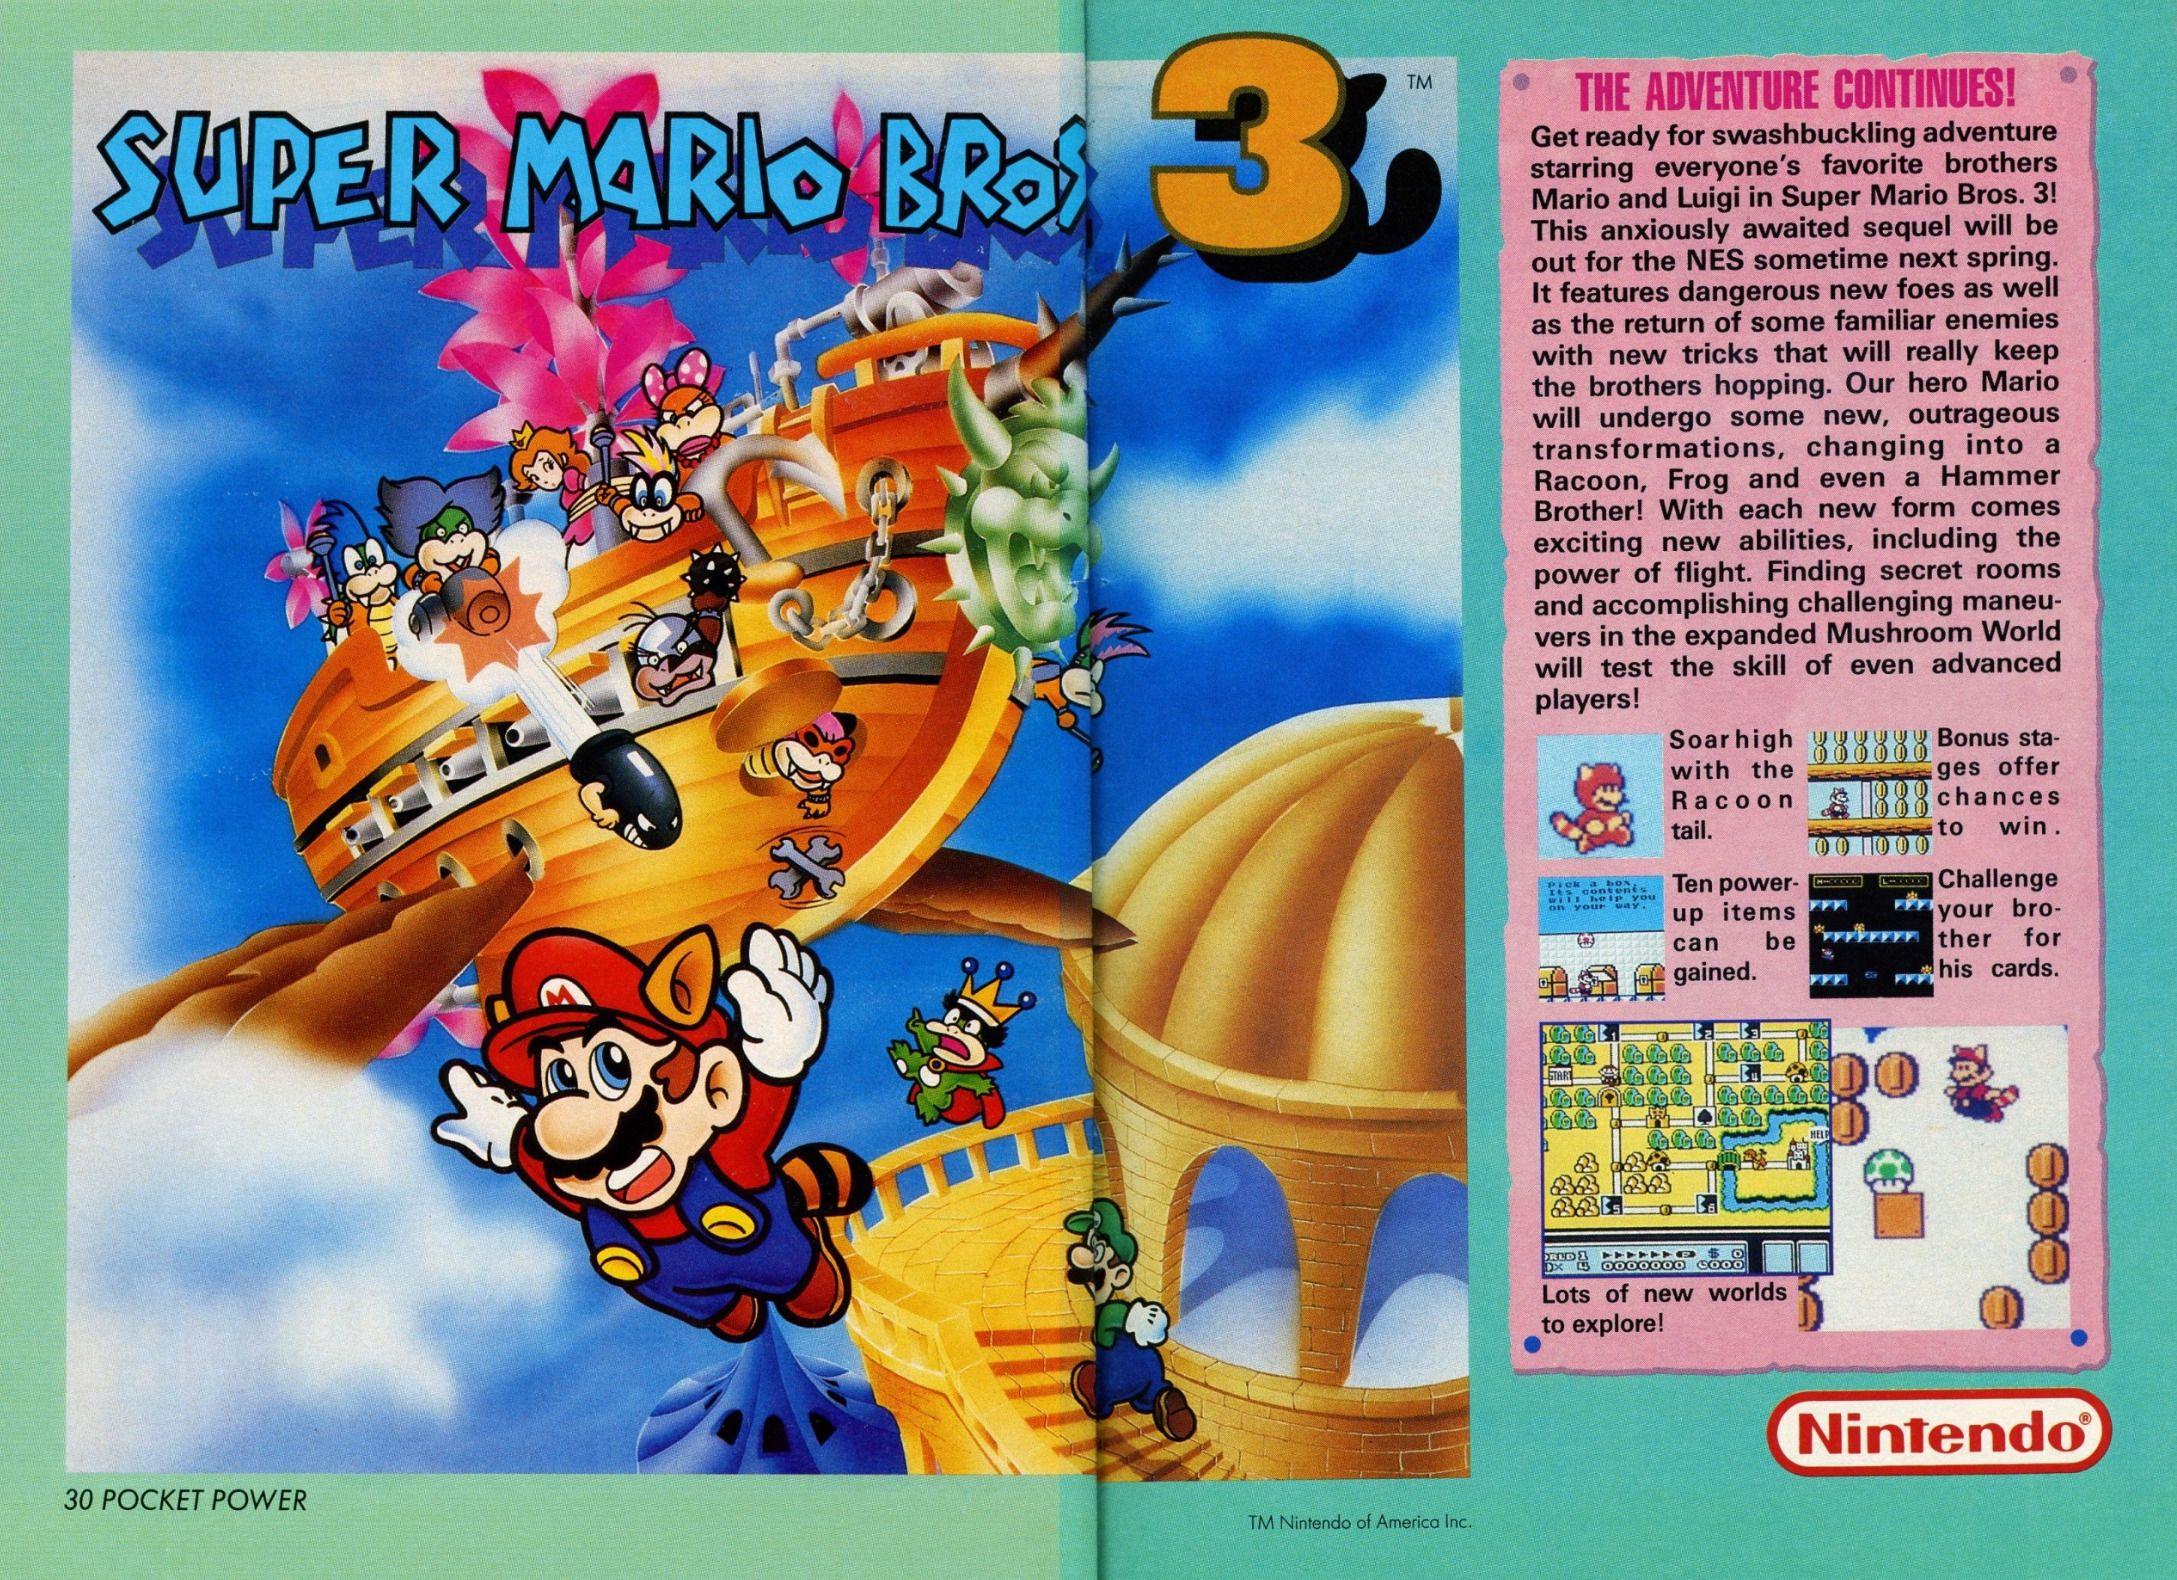 Super Mario Bros 3 Magazine Ad